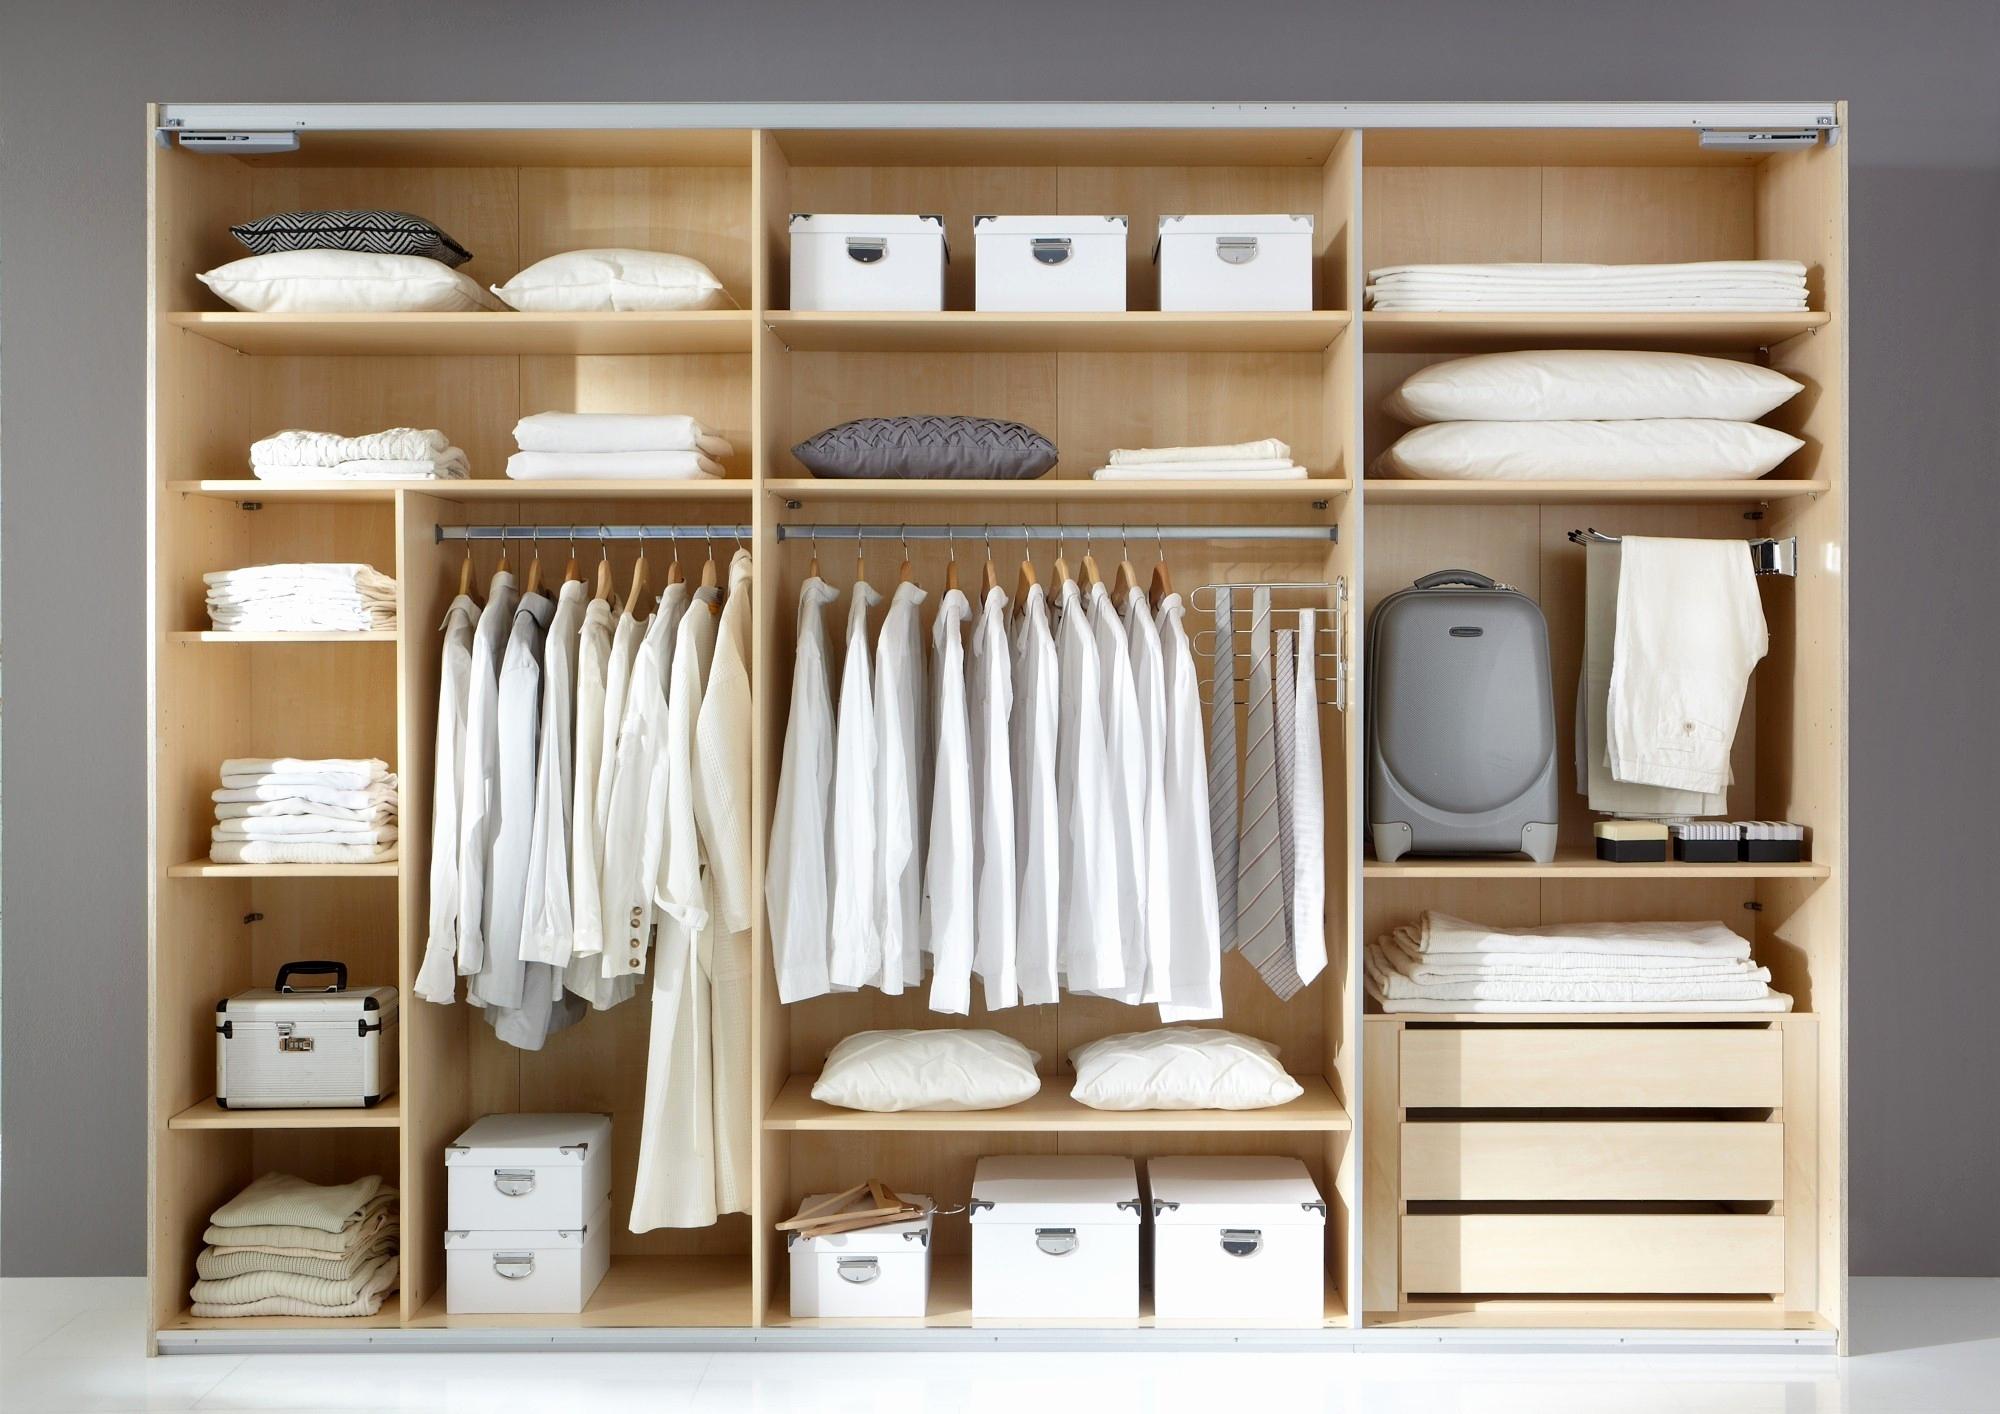 Plan Chambre Avec Dressing Frais Collection Chambre Avec Dressing Plan Dressing Exemple Décoration De Maison